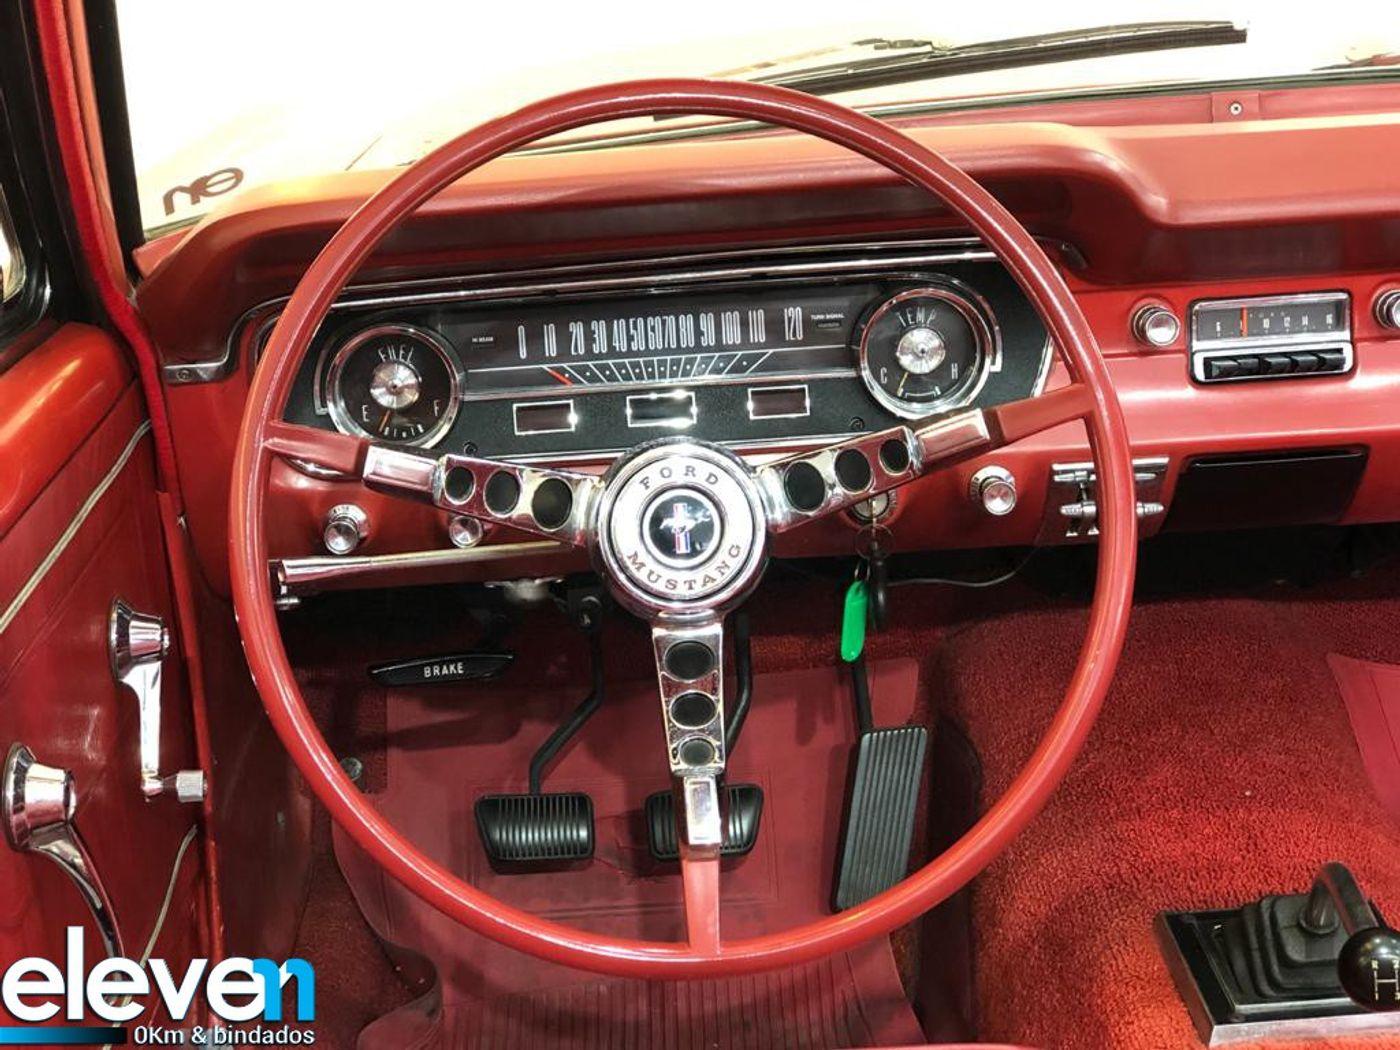 Ford Ford Mustang Conversivel 5.7 V8 2P Manual